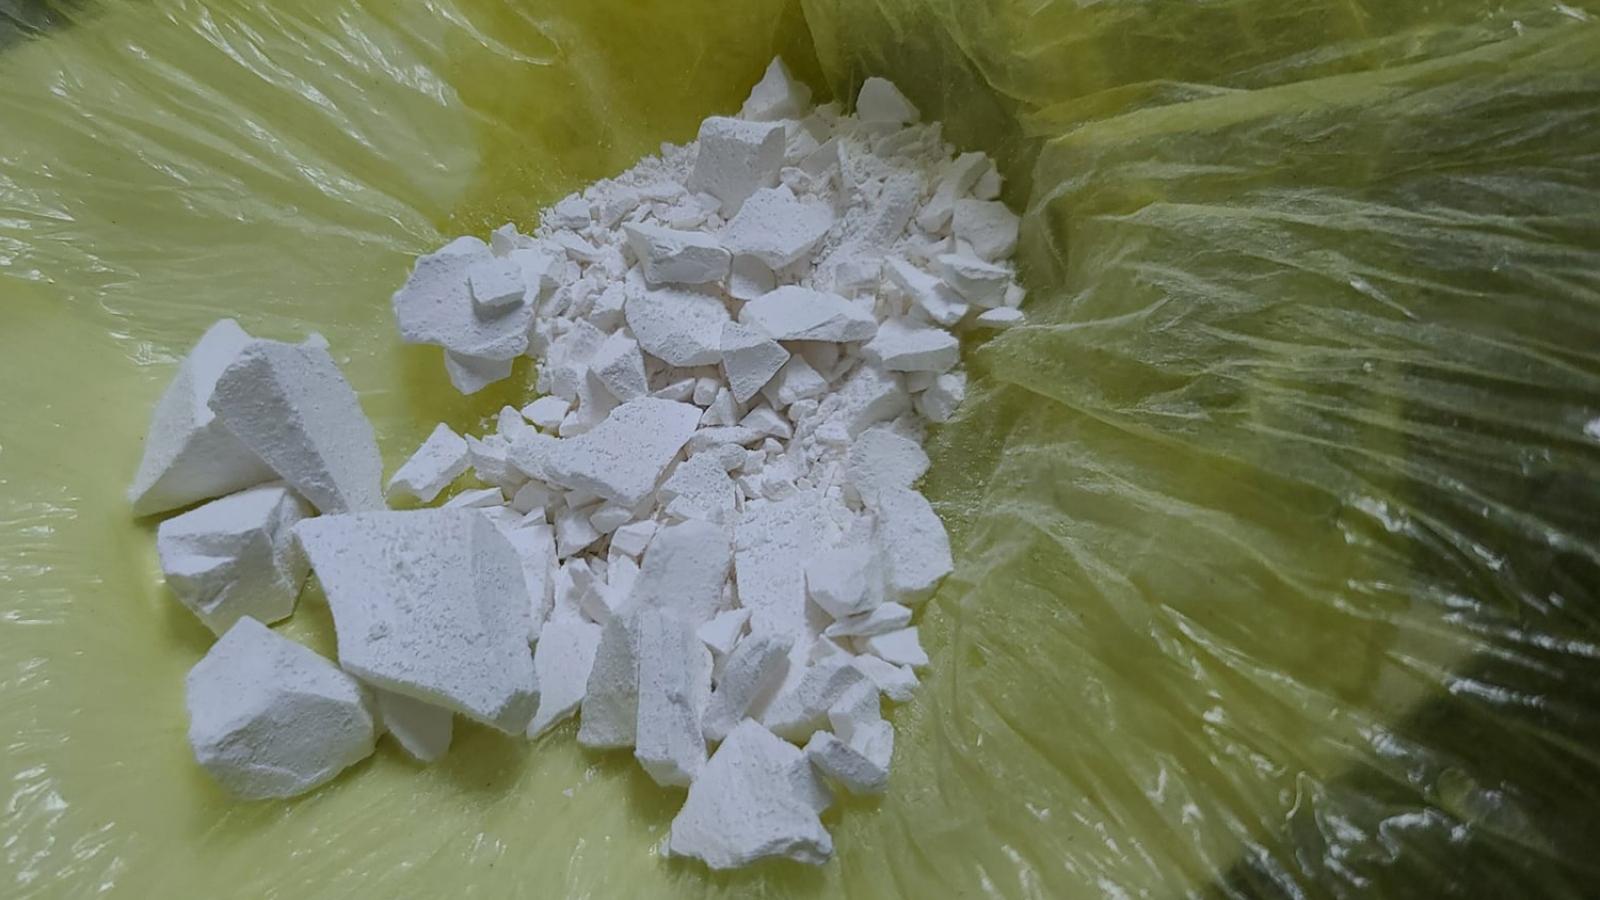 Mua heroin từ Quảng Nam mang ra Đà Nẵng tiêu thụ